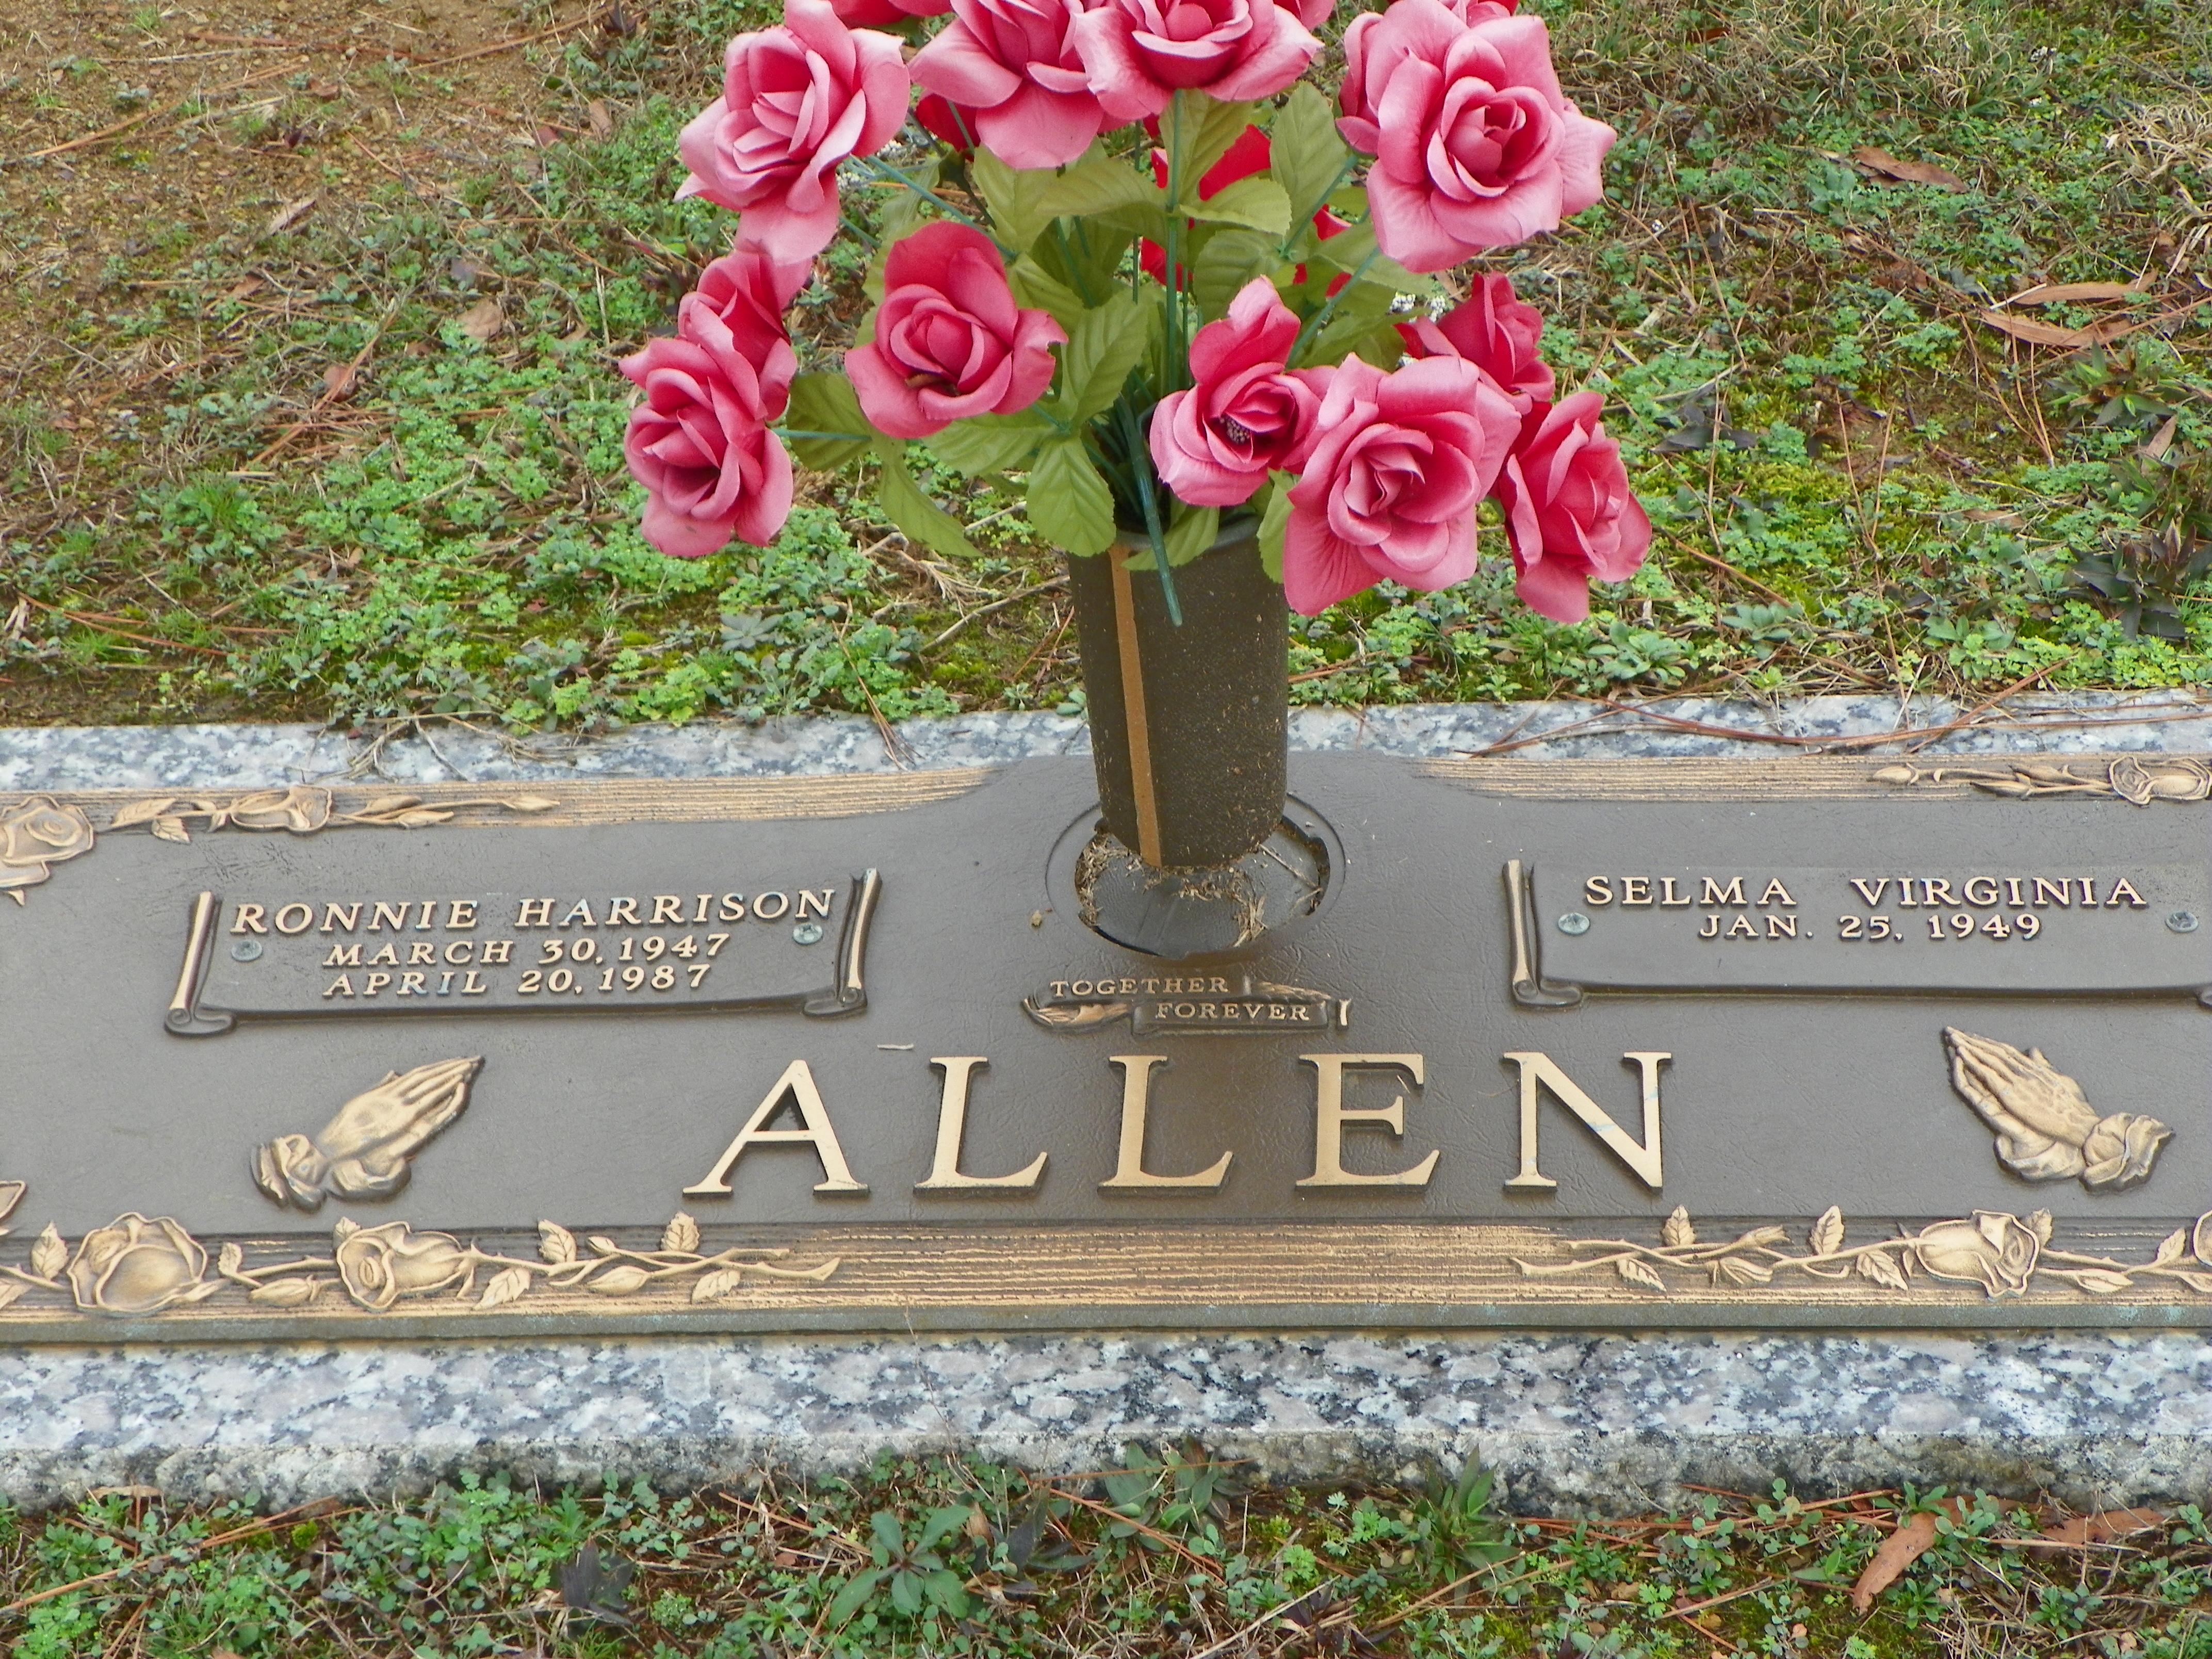 Ronnie H. Allen